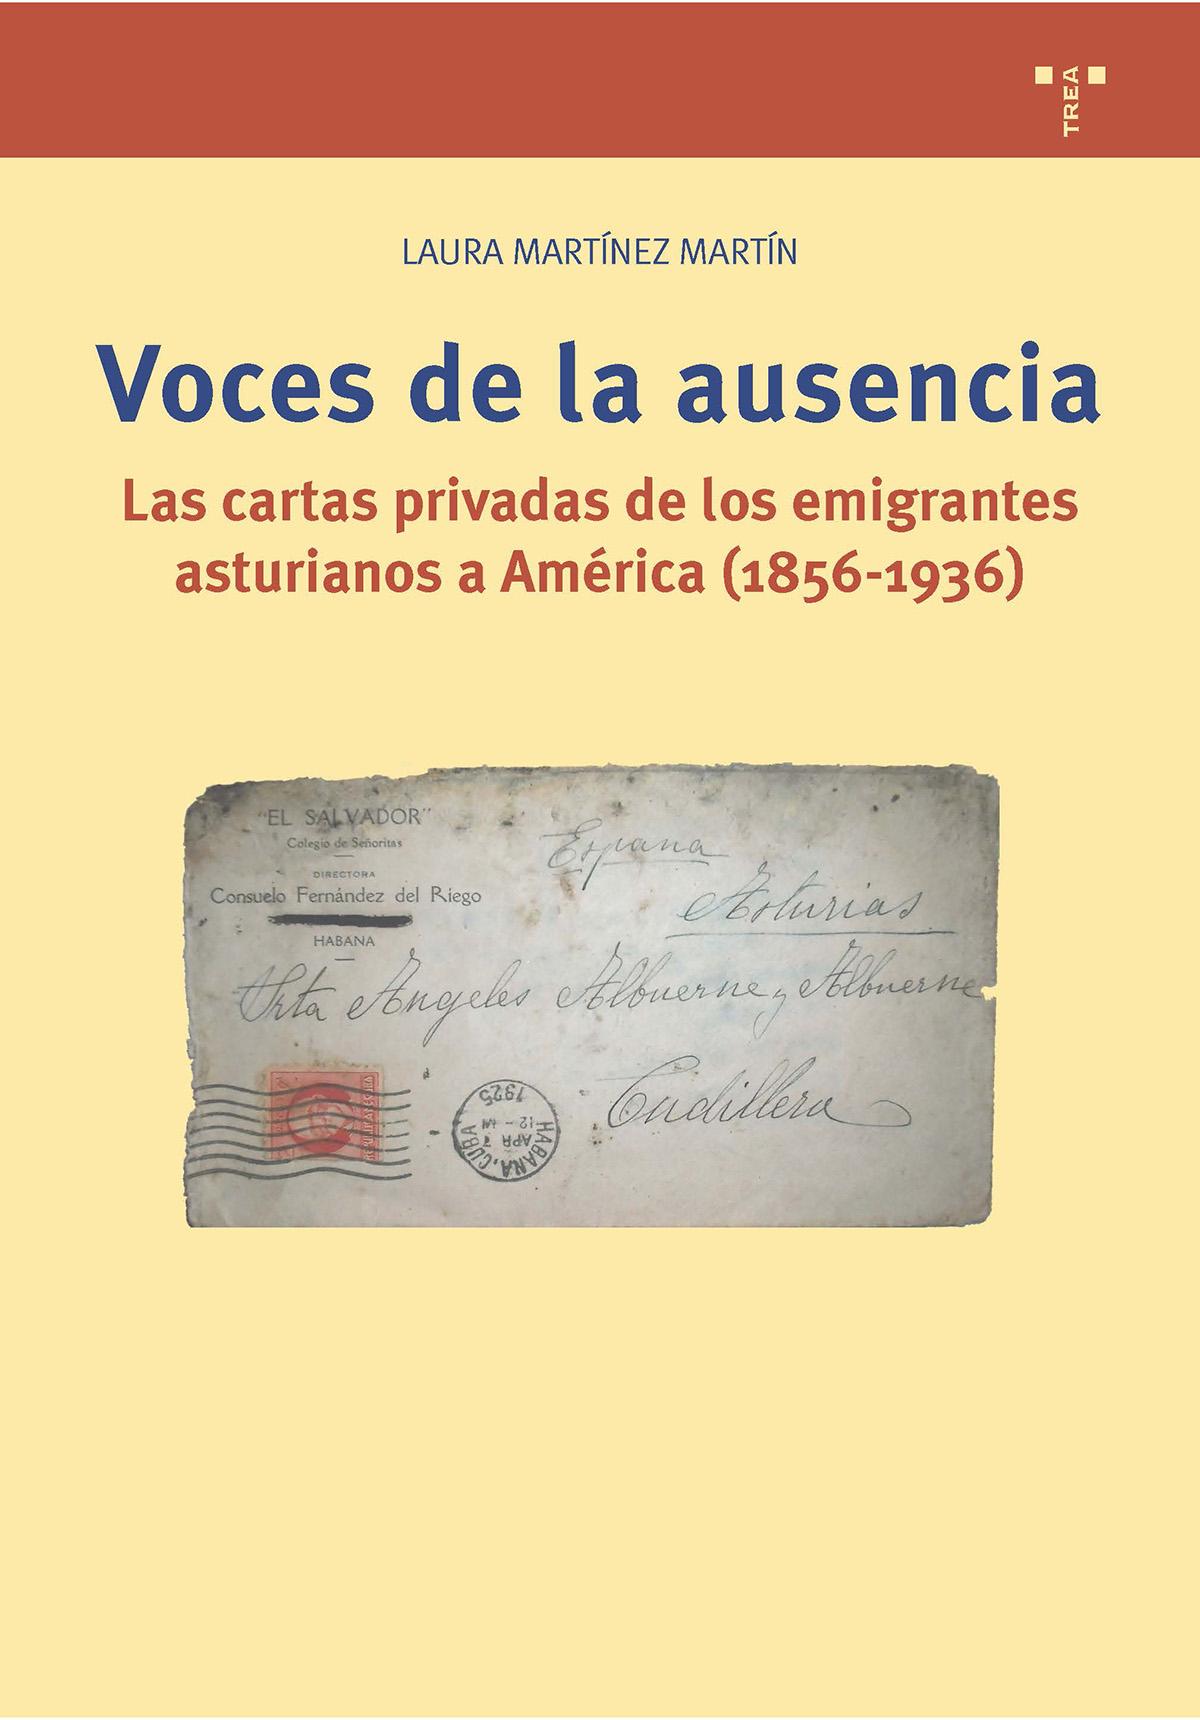 Voces de la ausencia   «Las cartas privadas de los emigrantes asturianos a América (1856-1936)»